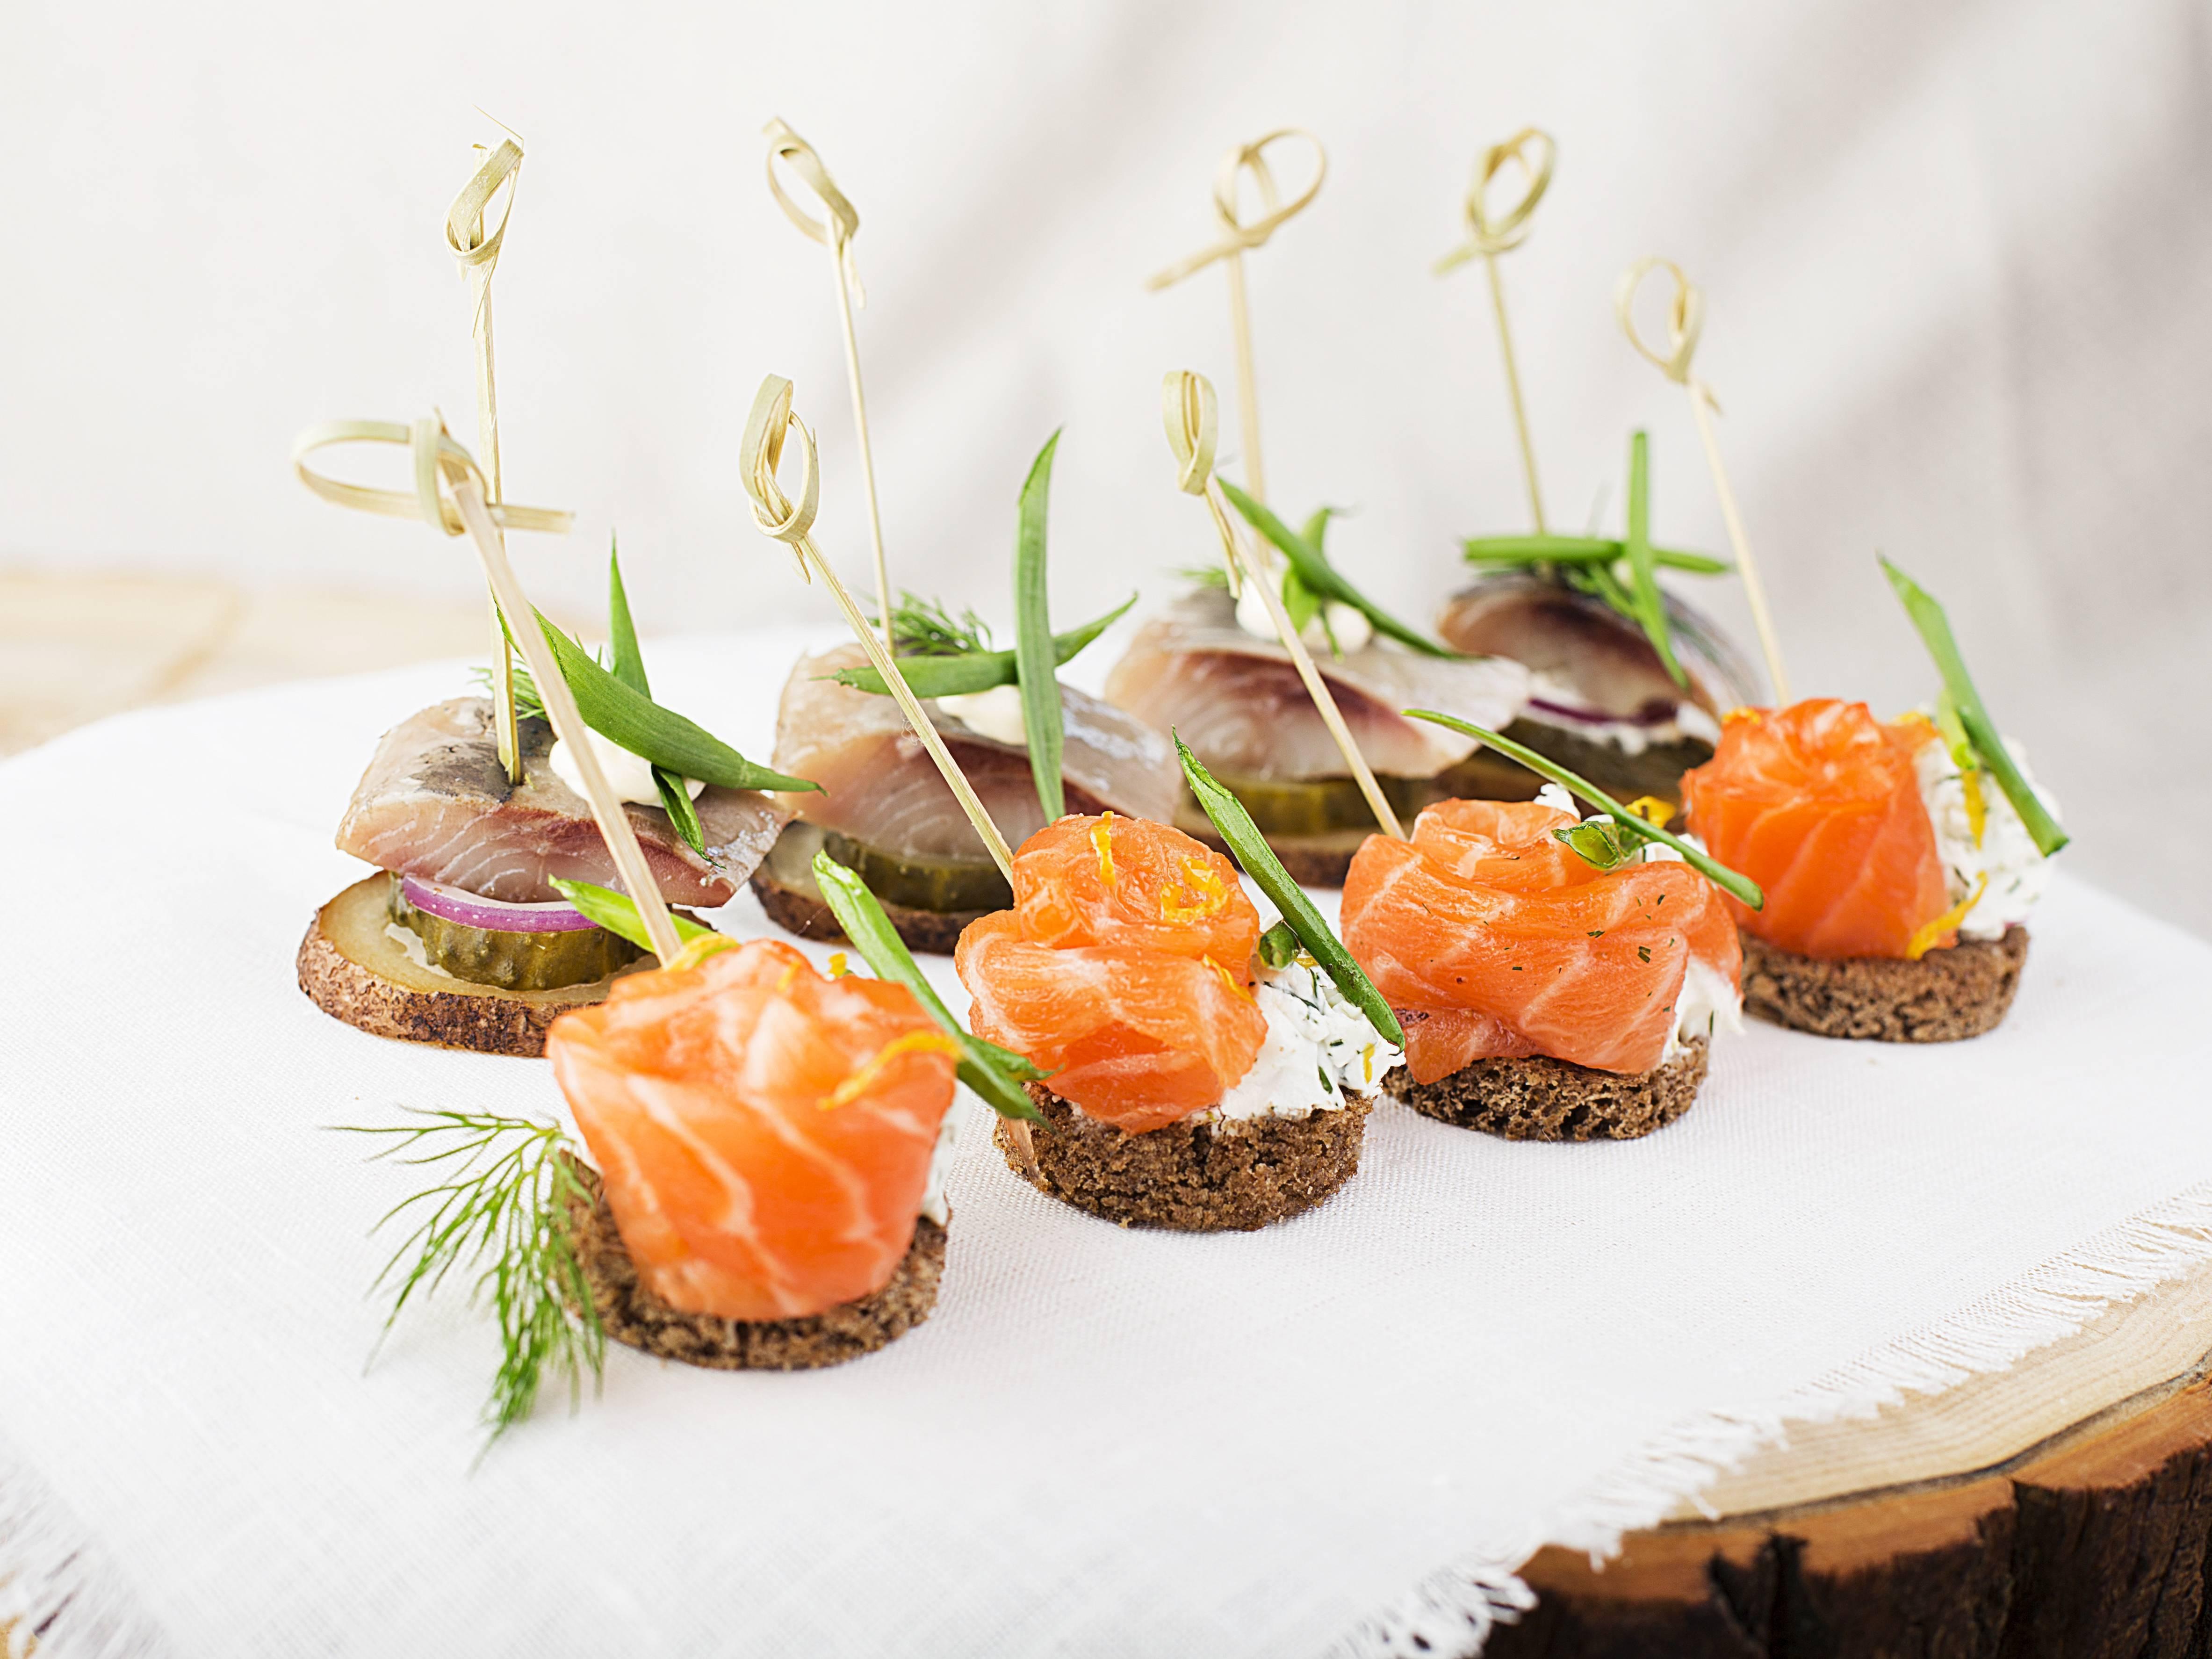 Салат с красной рыбой (26 рецептов с фото) - рецепты с фотографиями на поварёнок.ру